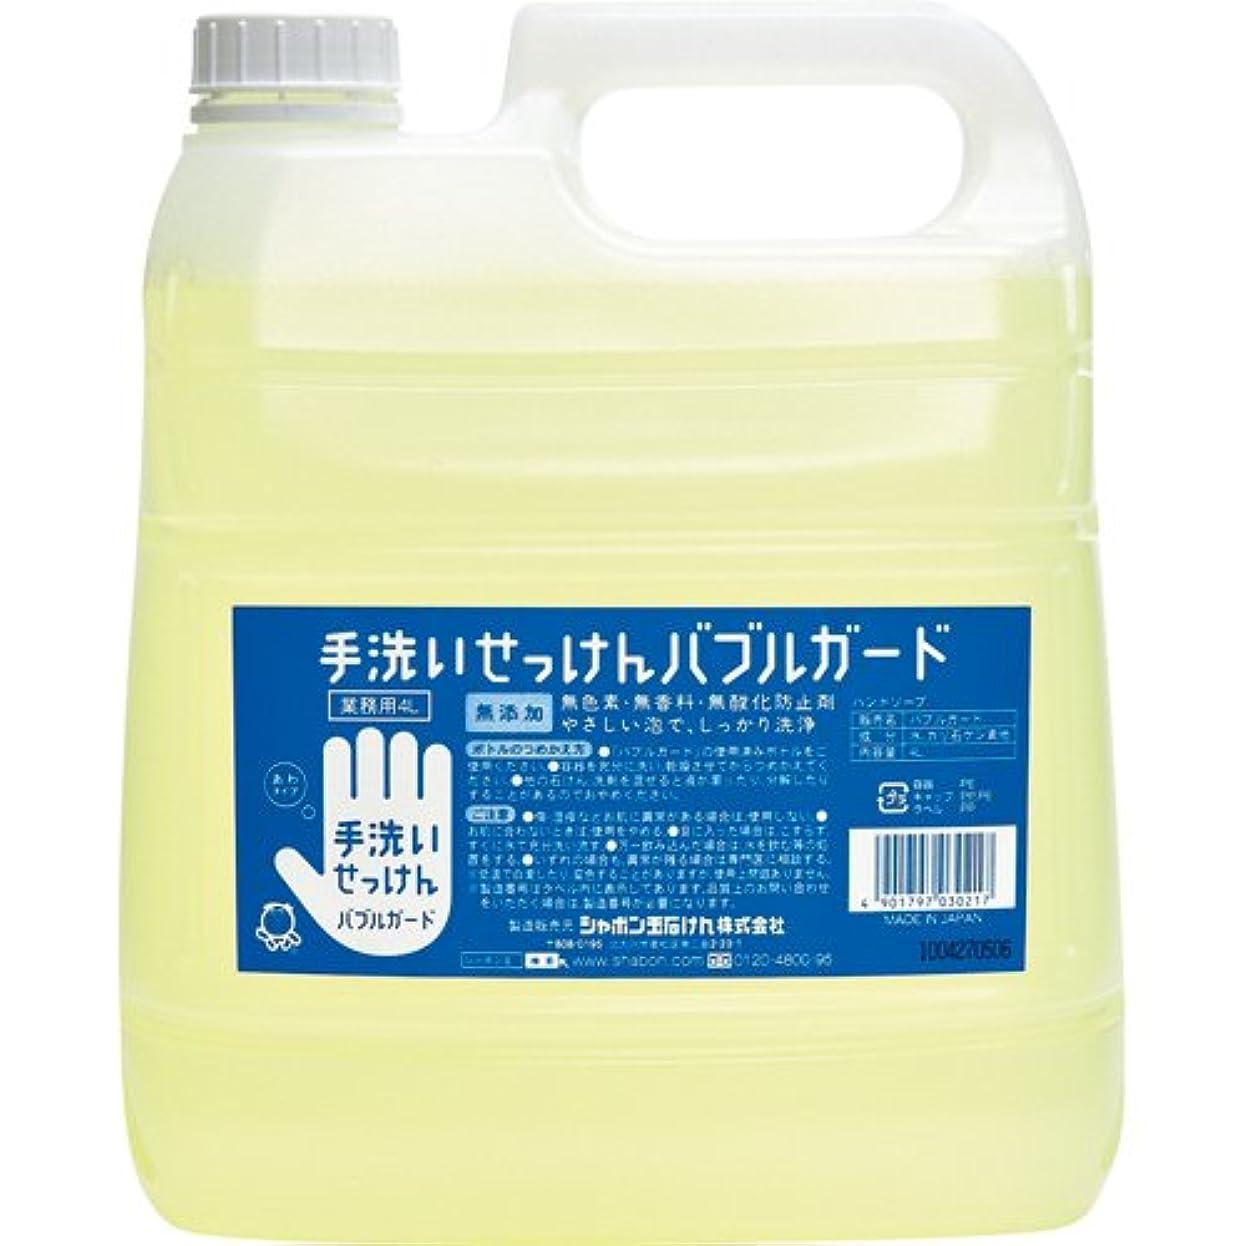 レーザ法律により意外[シャボン玉石けん 1692542] (ケア商品)手洗いせっけん バブルガード 泡タイプ 業務用 4L